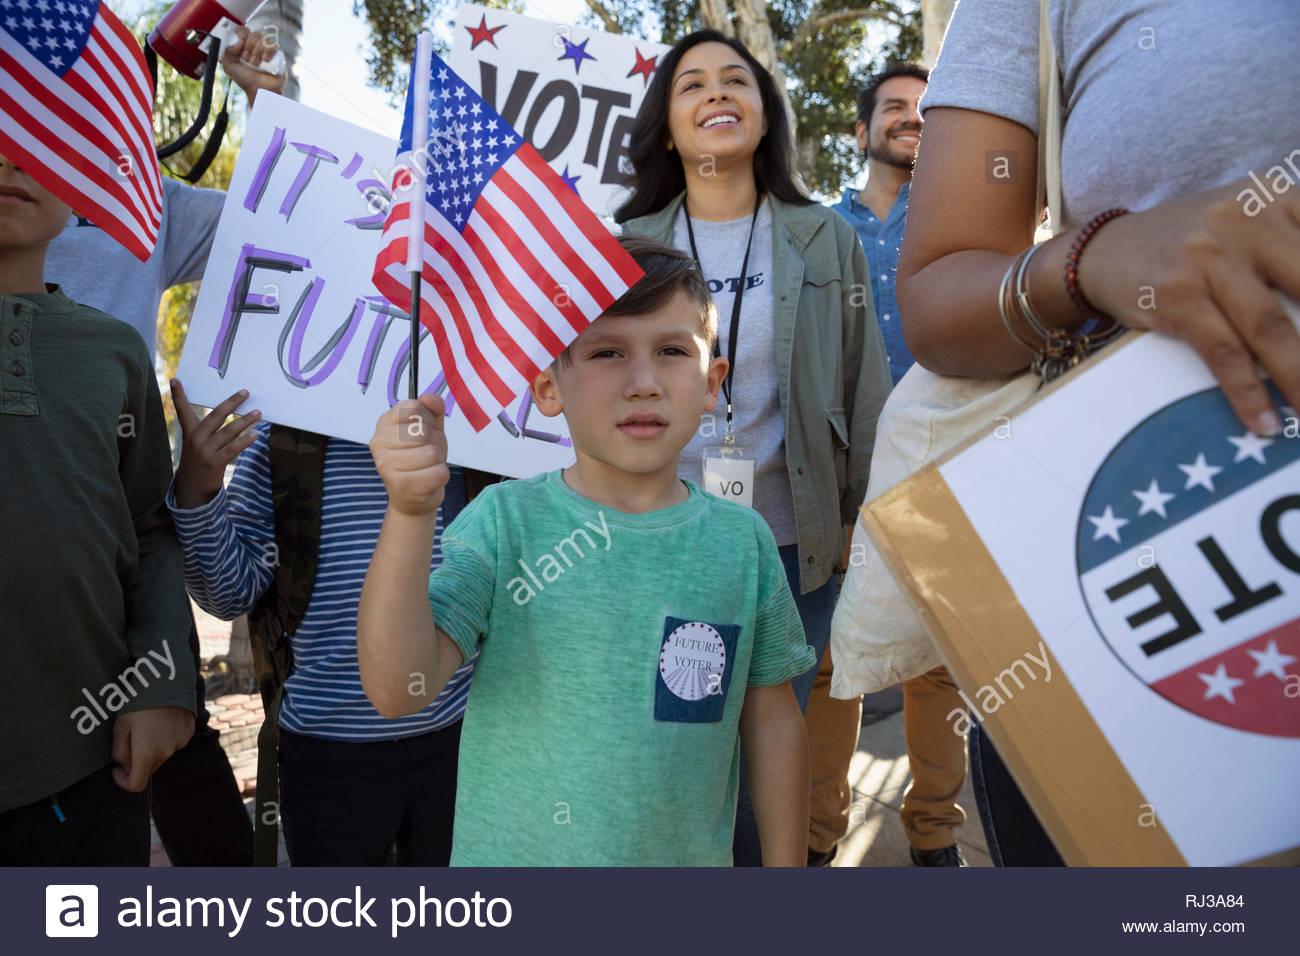 Chico Latinx ondeando la bandera americana, la captación de los votantes Foto de stock